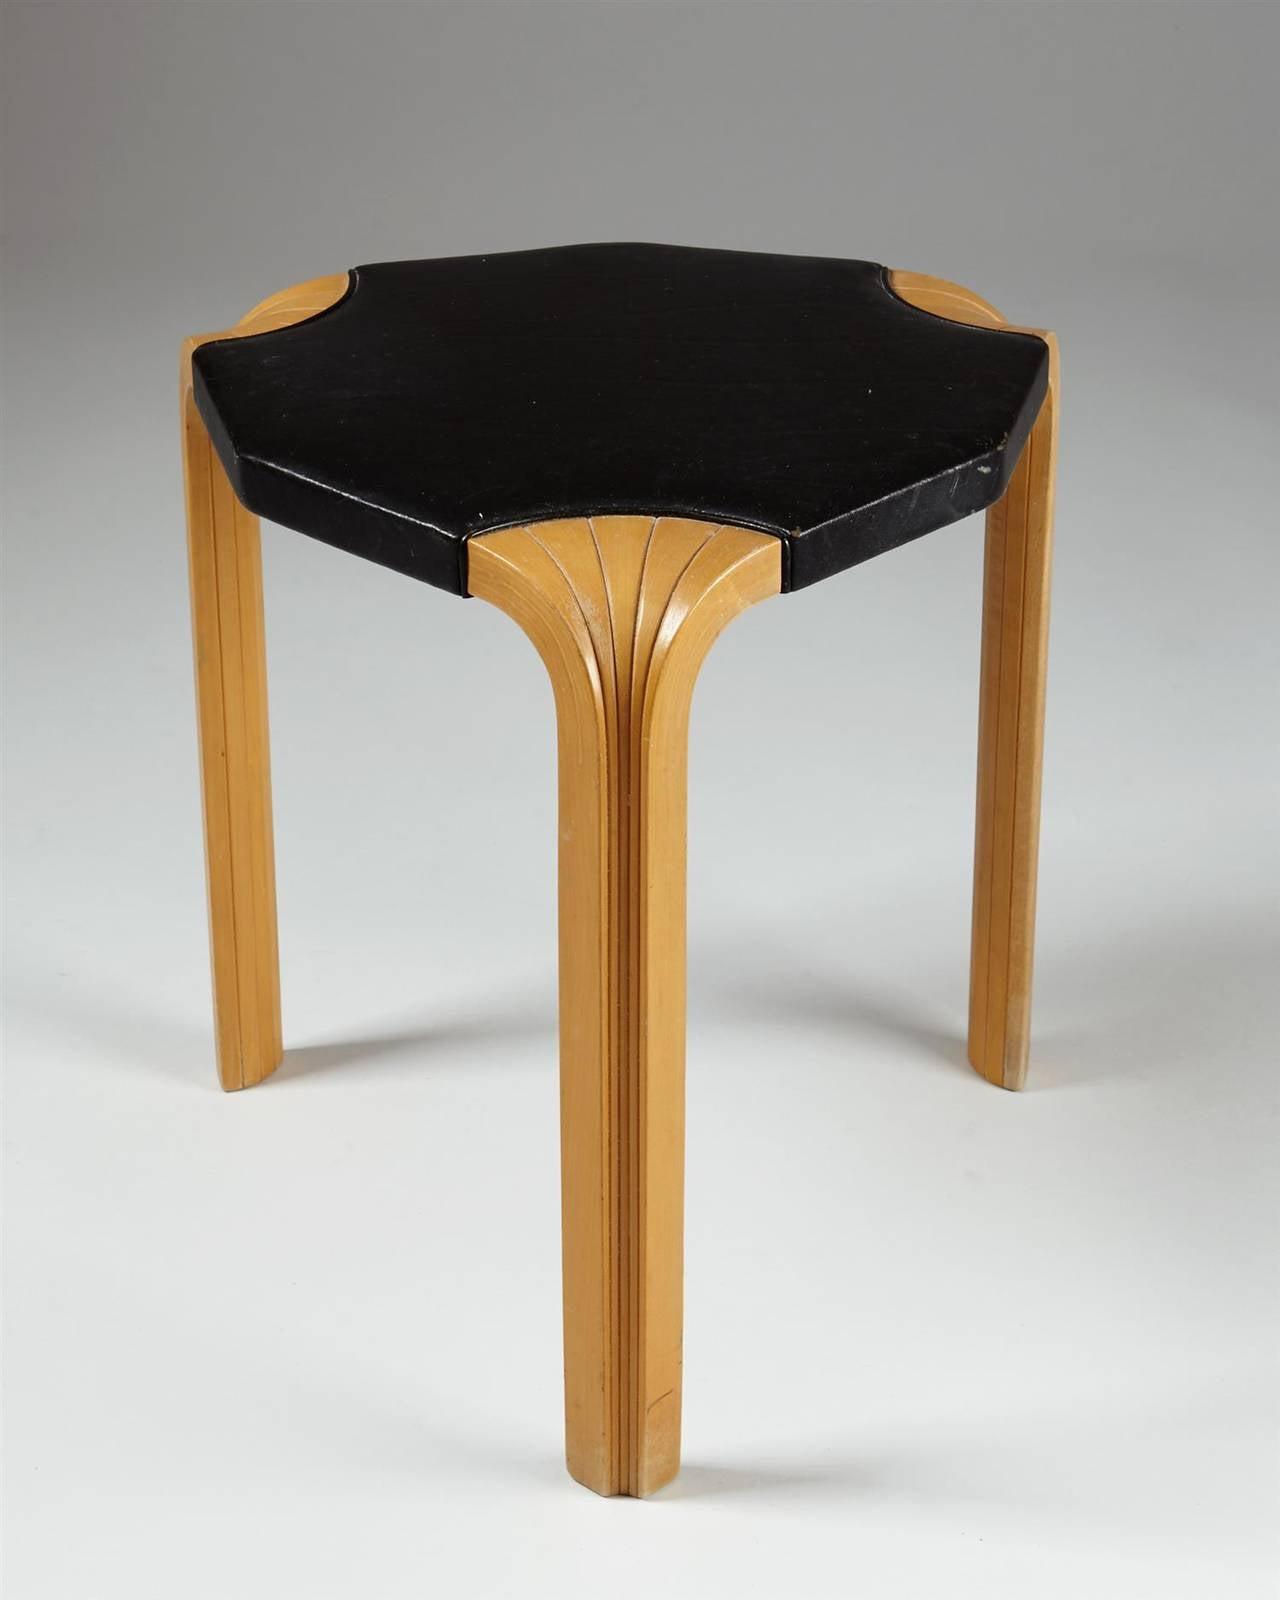 Fan Leg Stools Designed By Alvar Aalto For Artek For Sale